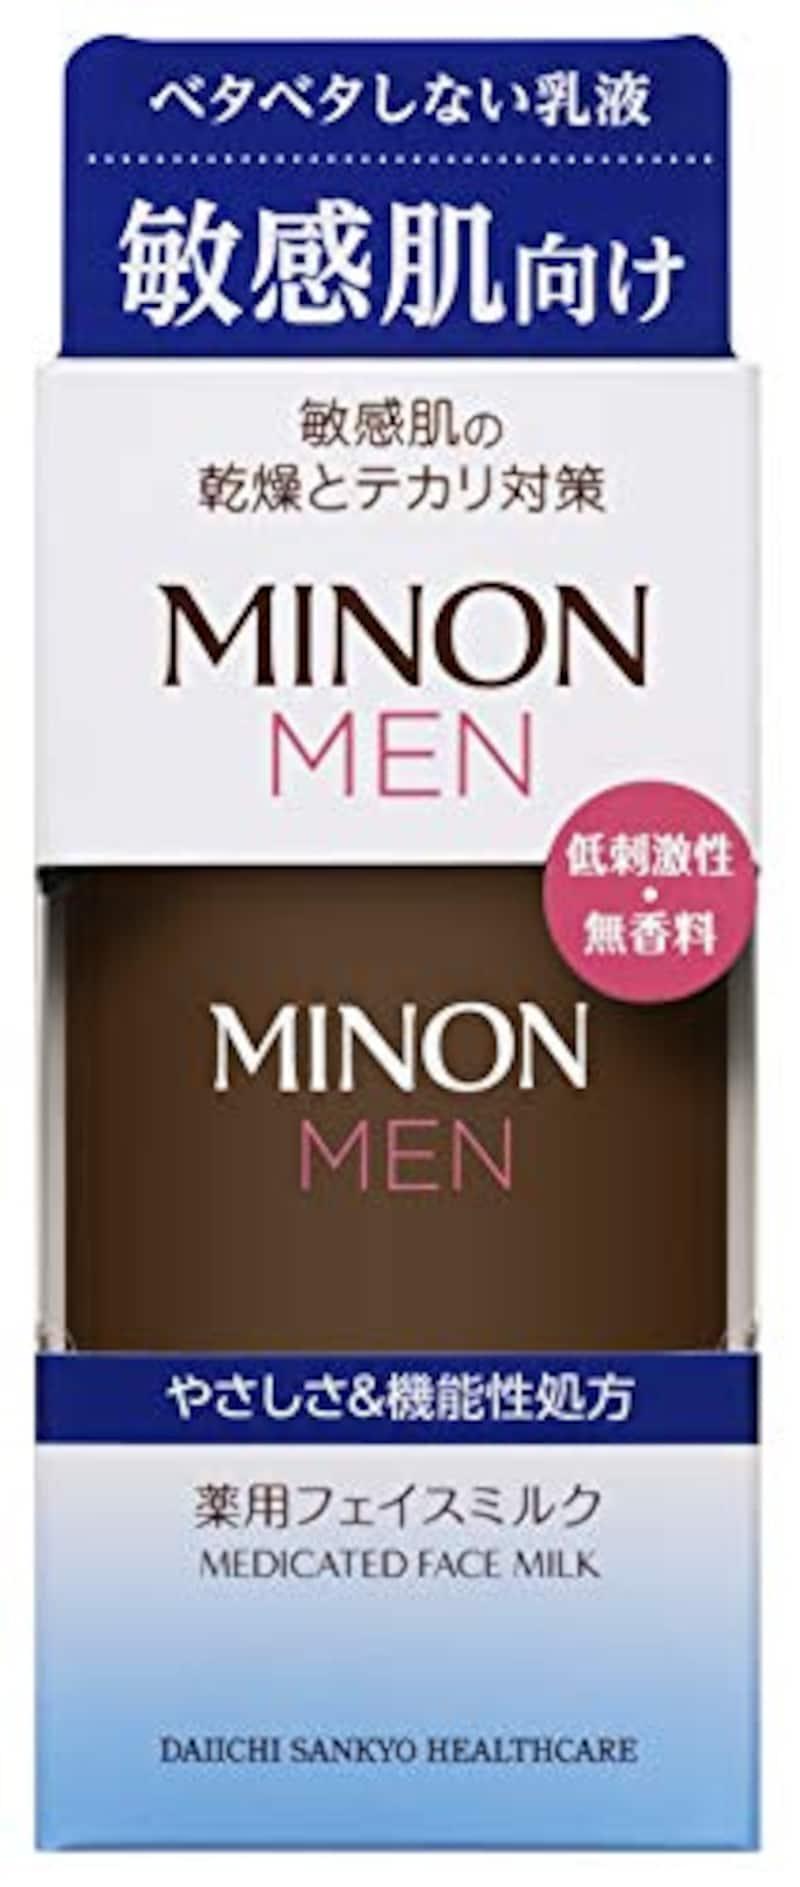 第一三共ヘルスケア,MINON MEN(ミノンメン)薬用フェイスミルク